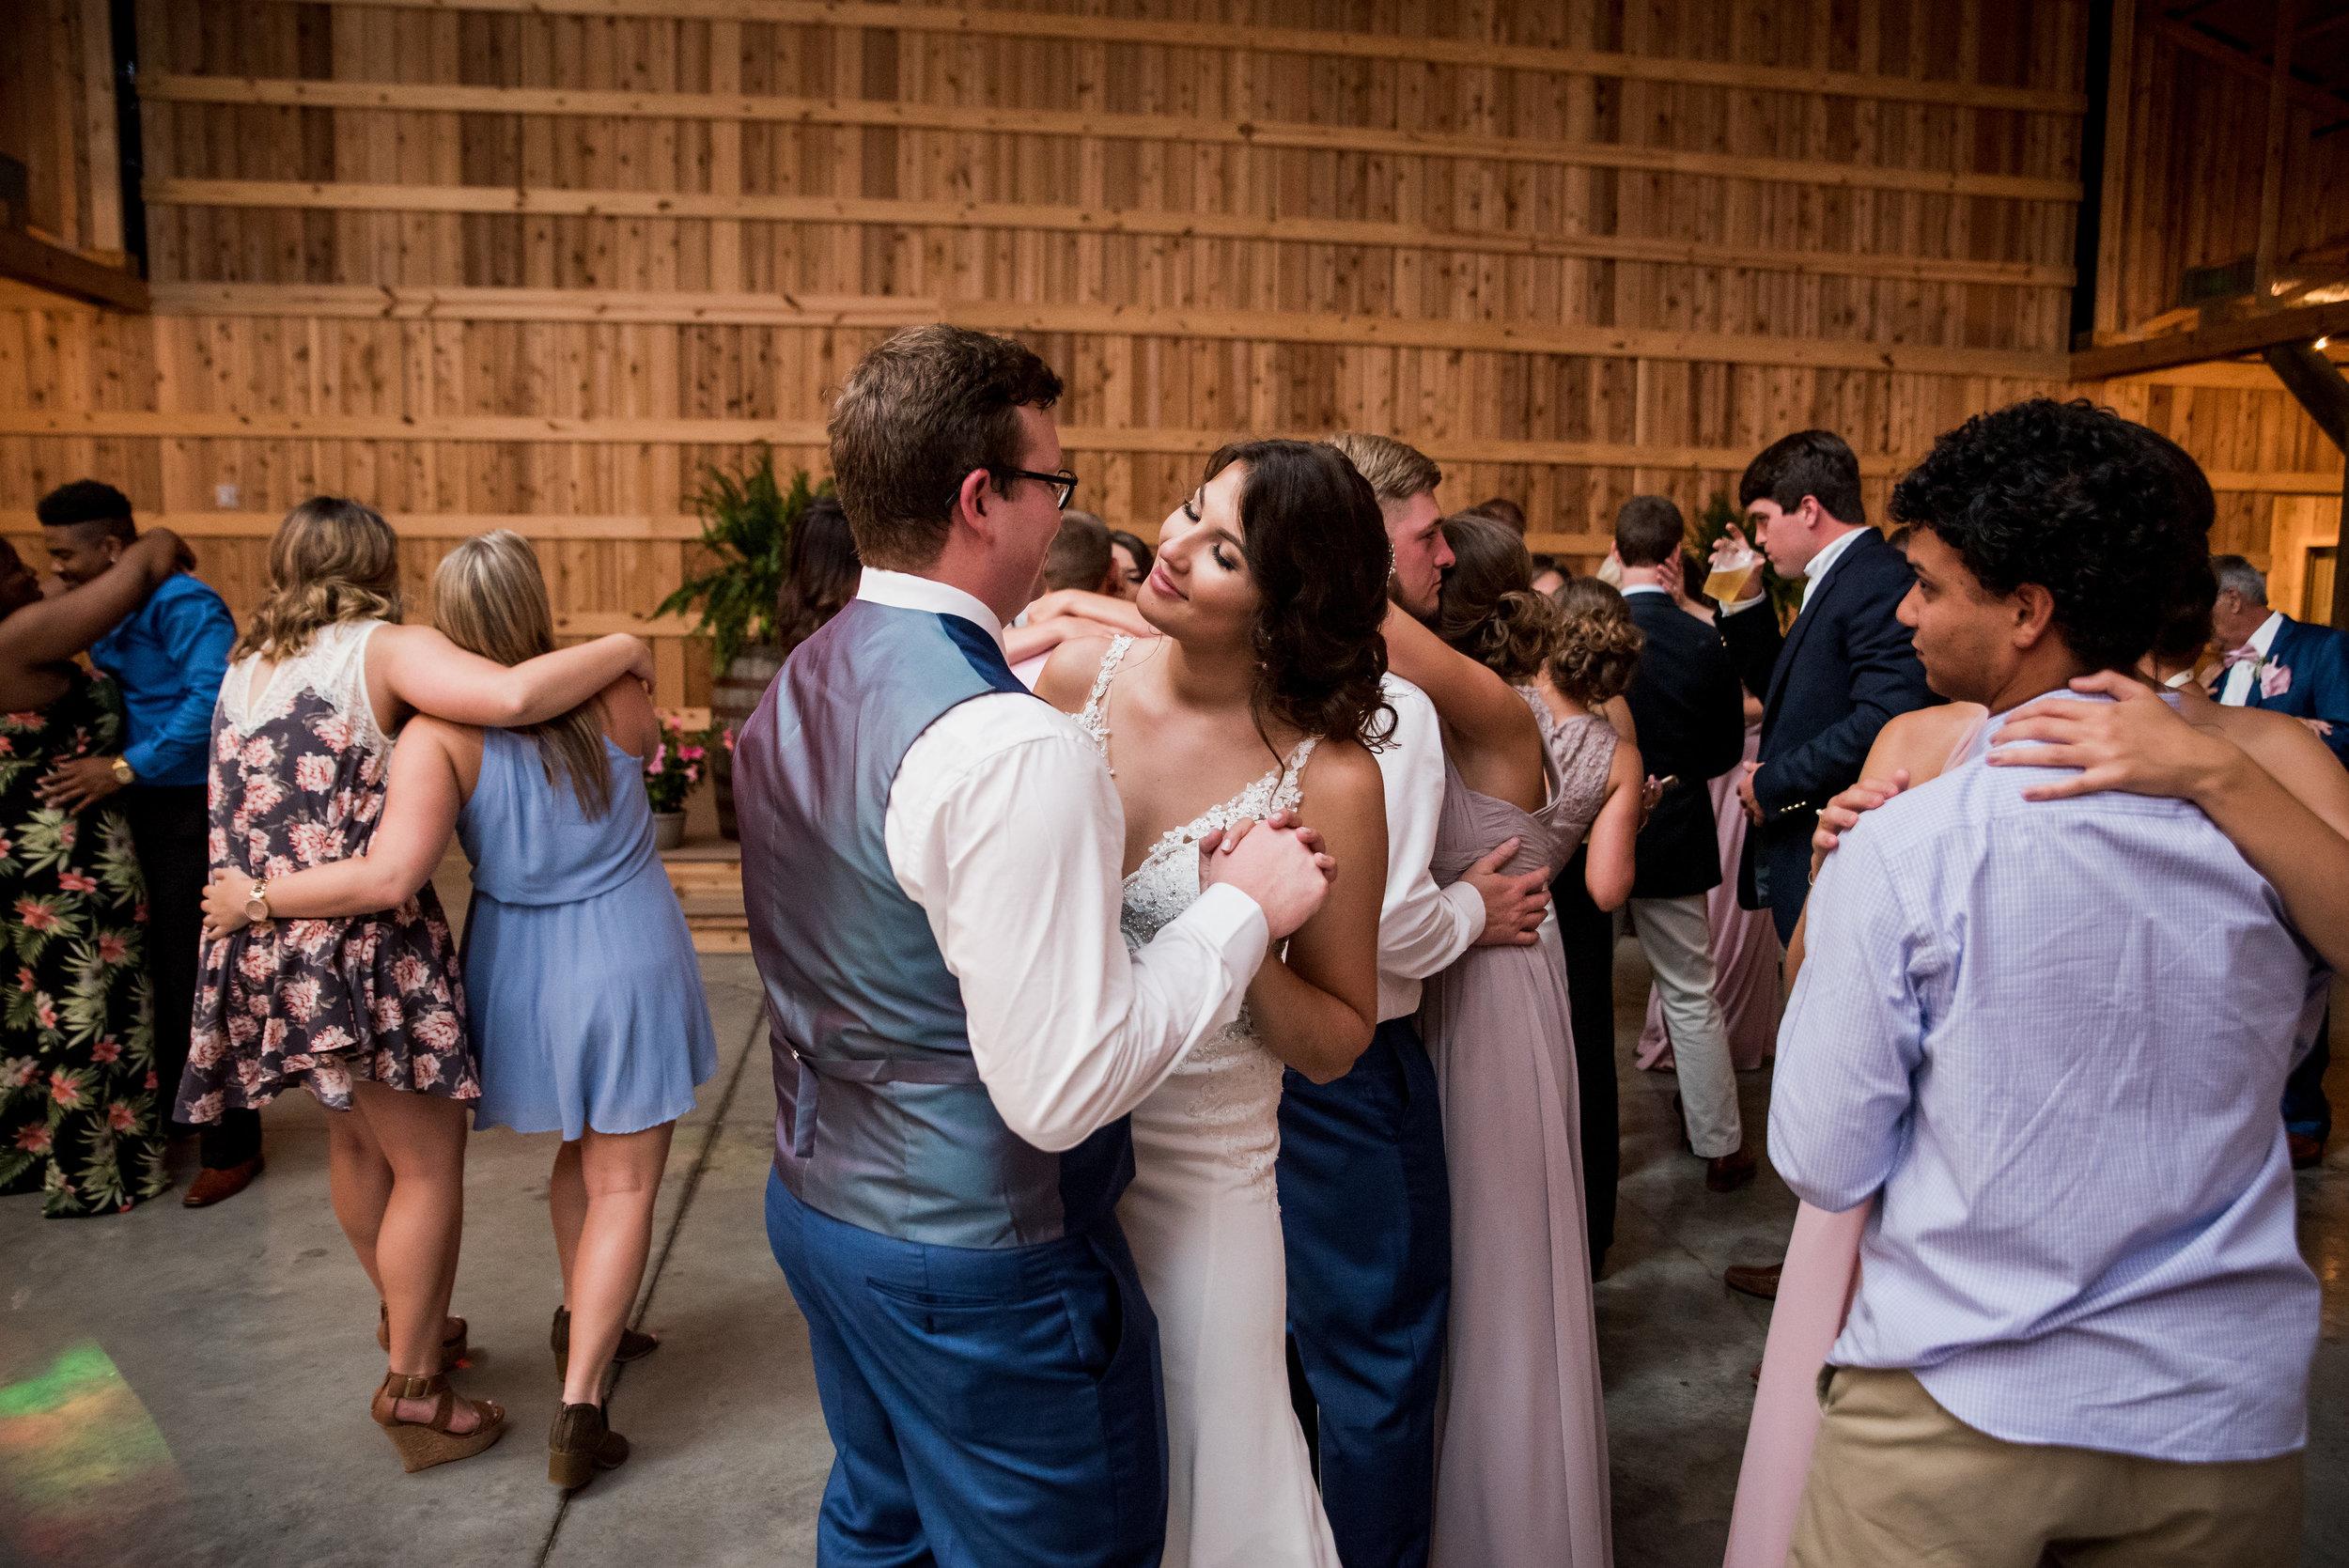 Saddlewood-Farms-Nashville-Wedding-Photographers-862.jpg